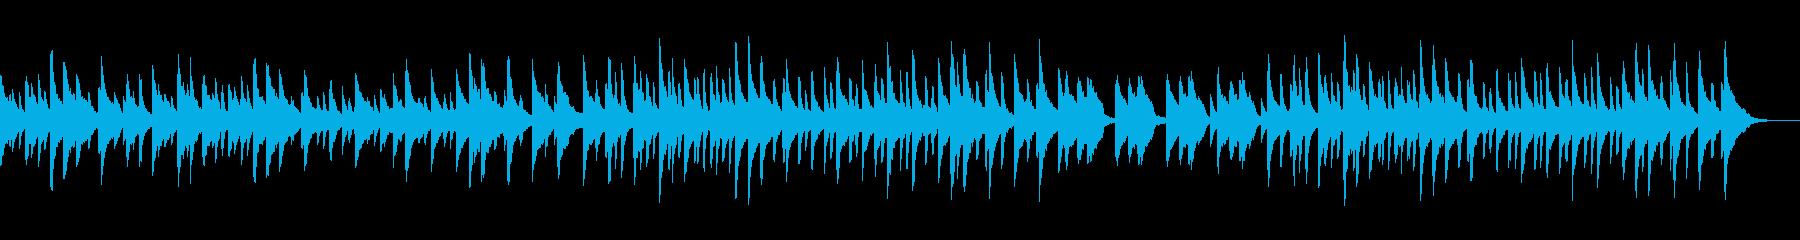 ラジオ体操をイメージしたほのぼのBGMの再生済みの波形